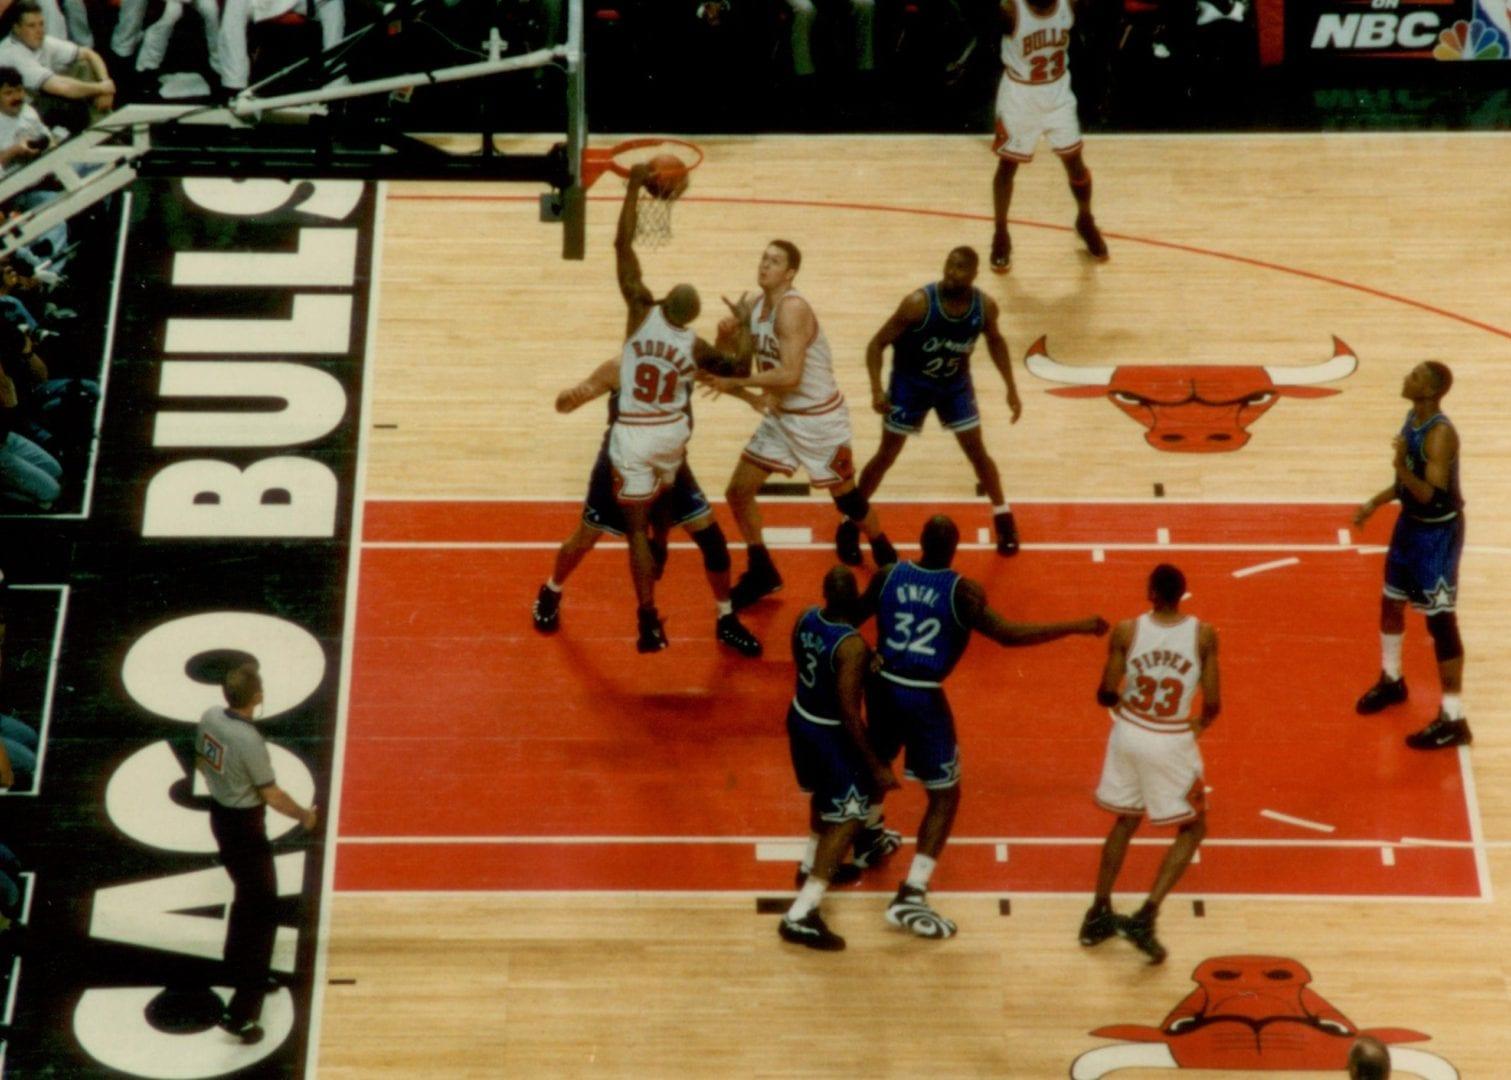 Dennis Rodman doing a dunk